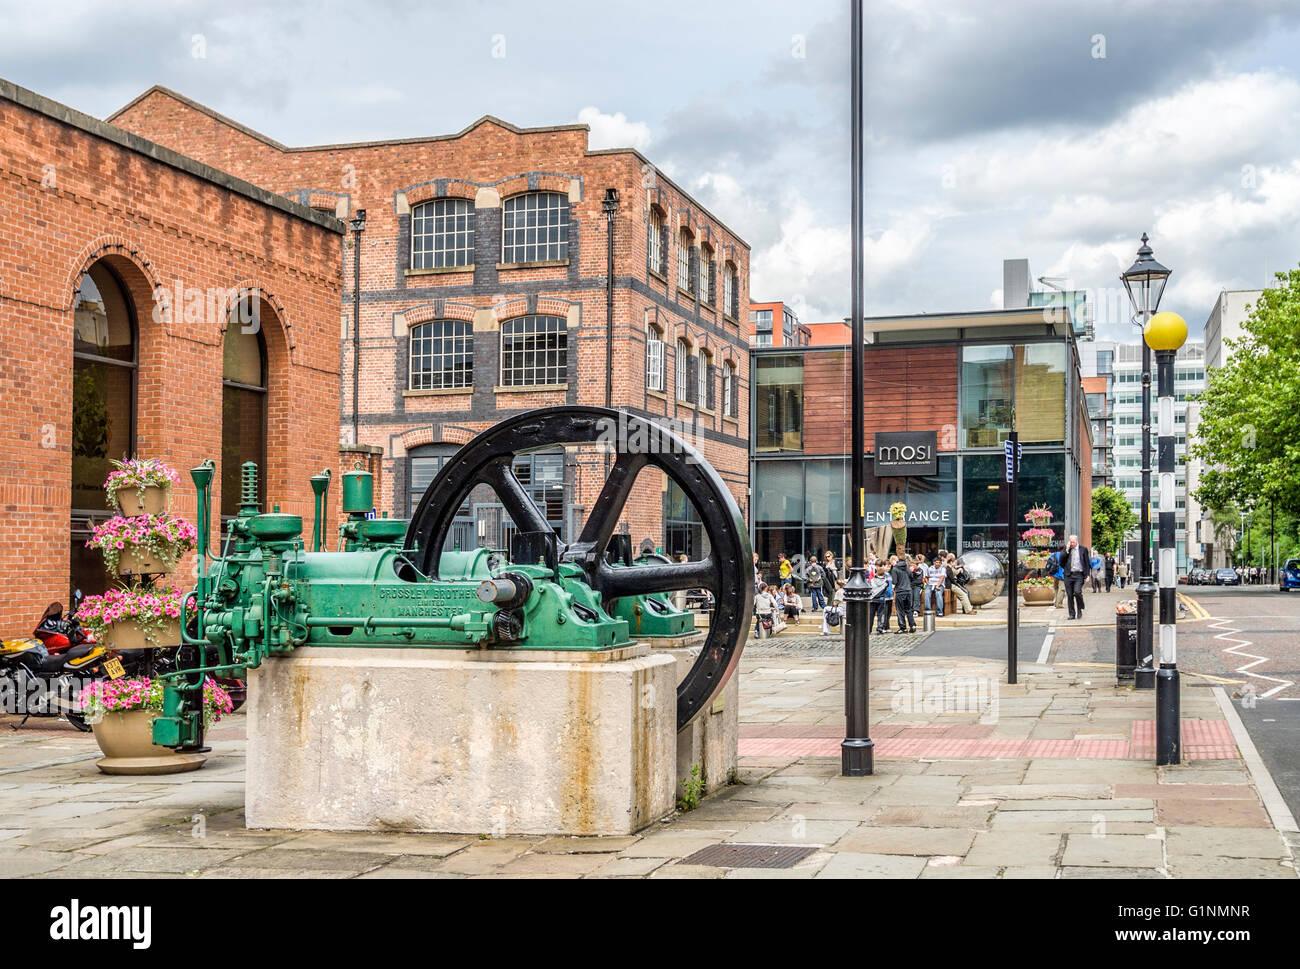 Le Musée des sciences et de l'industrie à Manchester (MOSI), à Manchester, Angleterre, RU Photo Stock